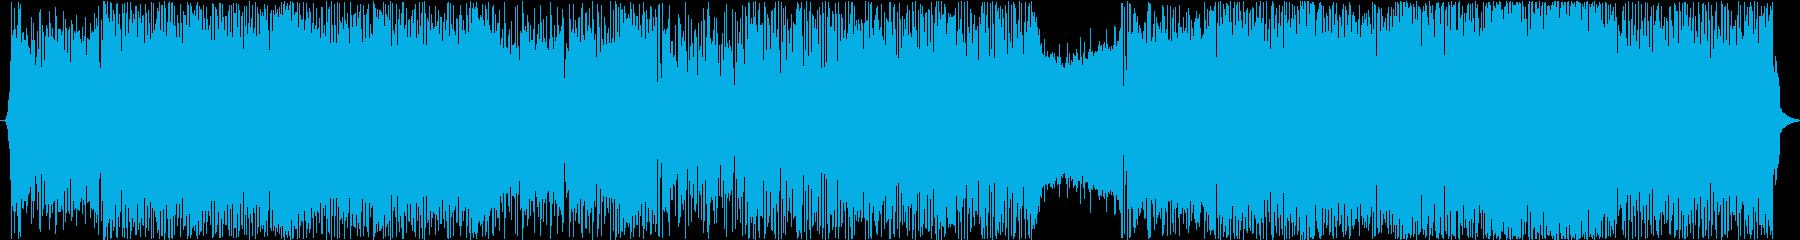 疾走感溢れる軽快なFuture Bassの再生済みの波形